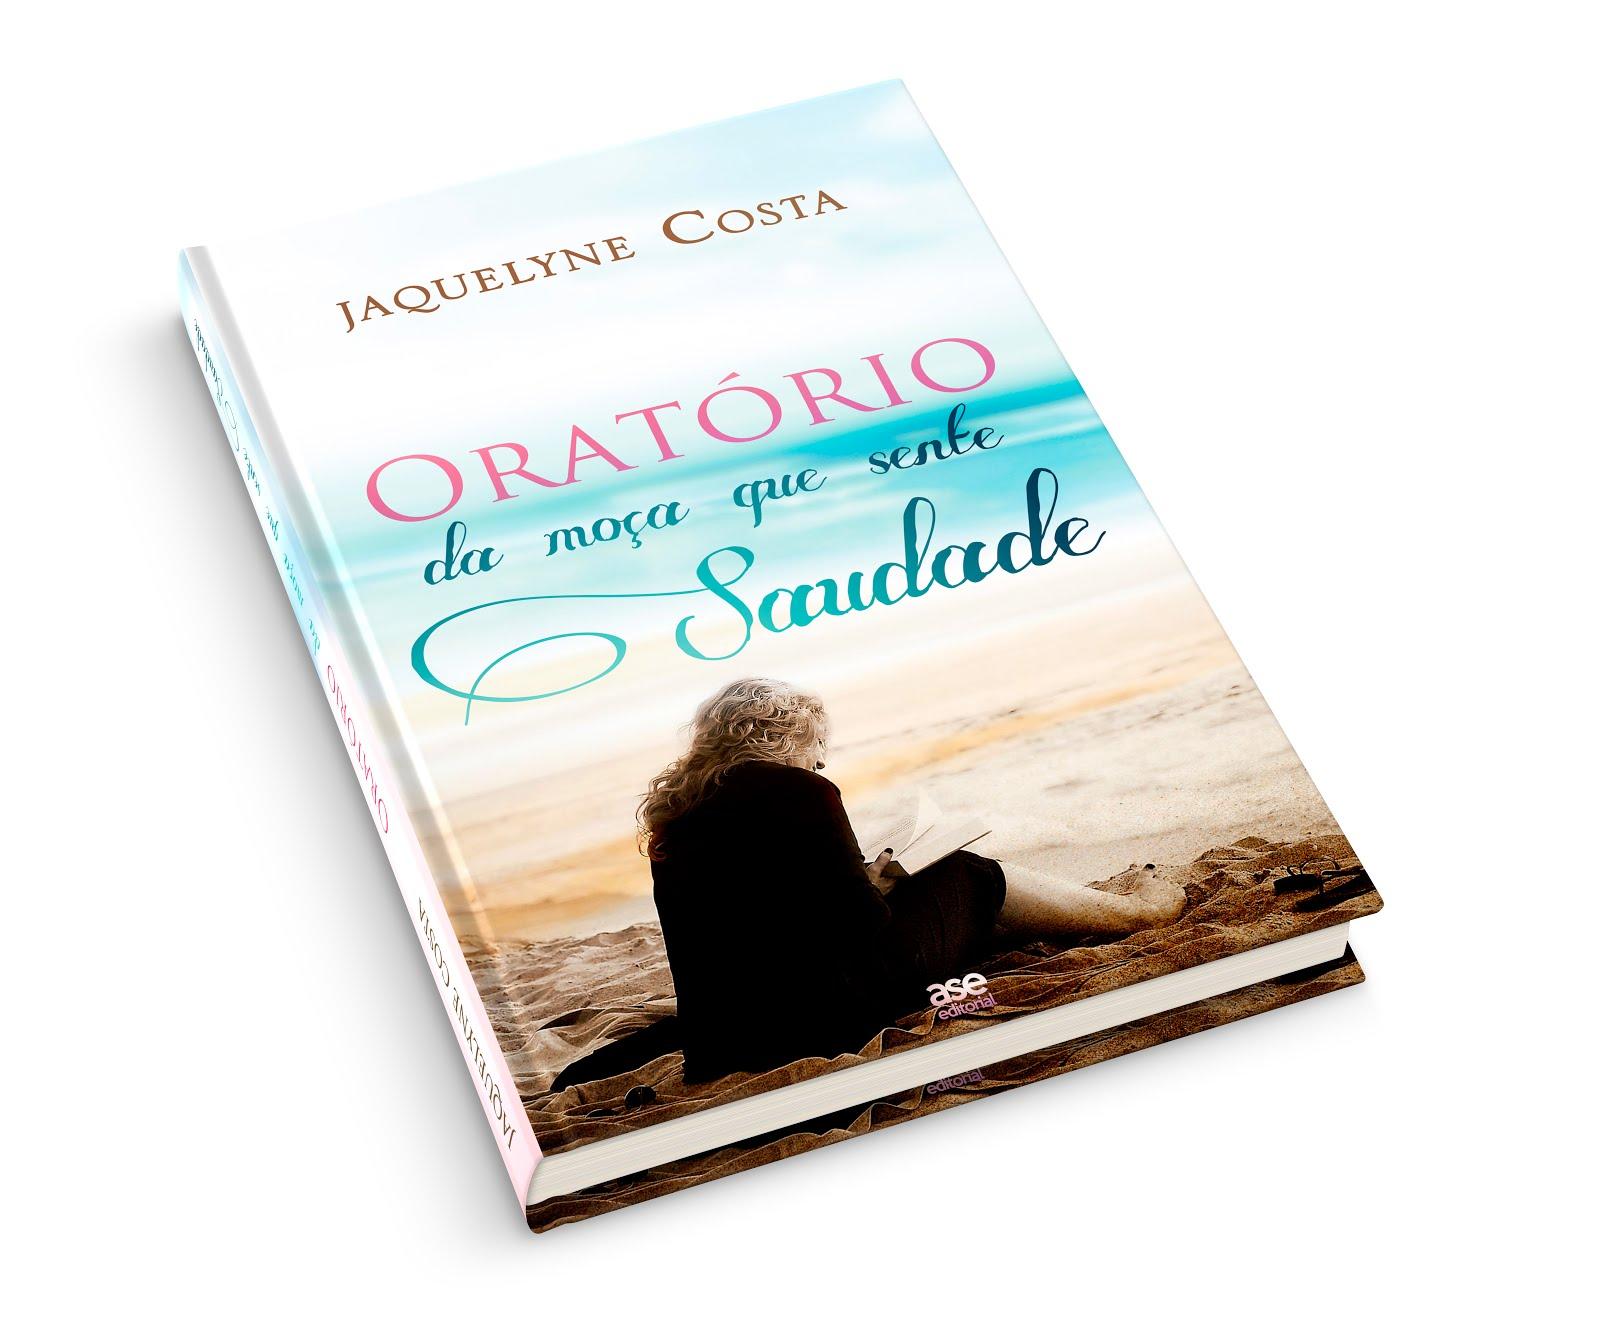 """Vendas on-line - """"Oratório da moça que sente saudade"""" por Jaquelyne Costa"""